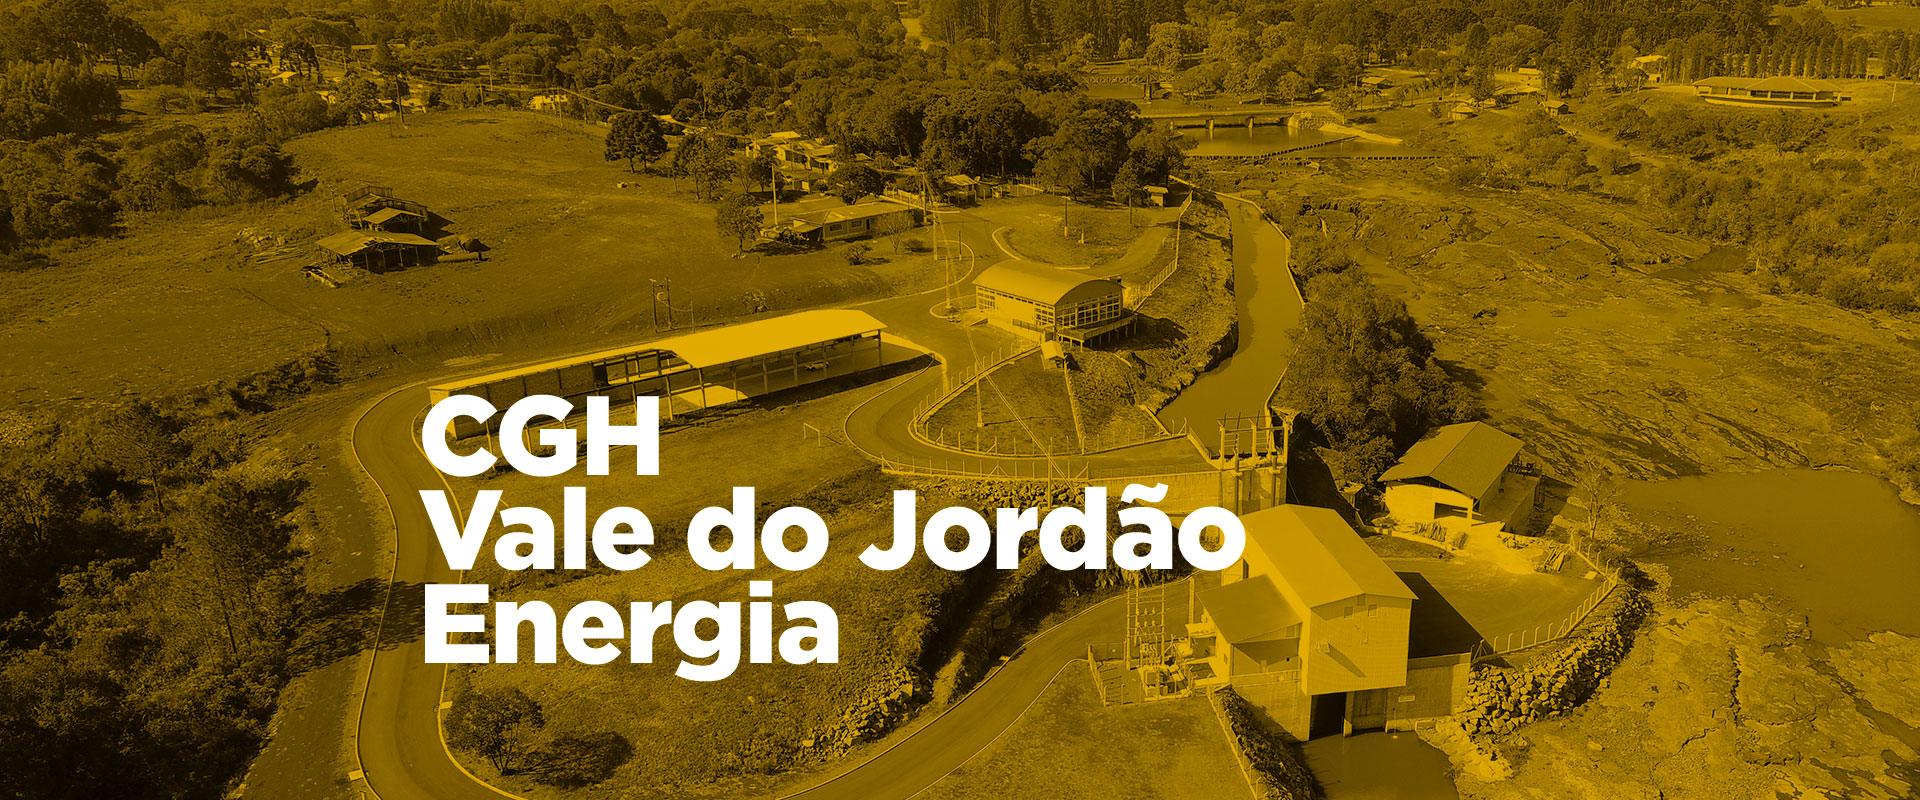 CGH Vale do Jordão Energia